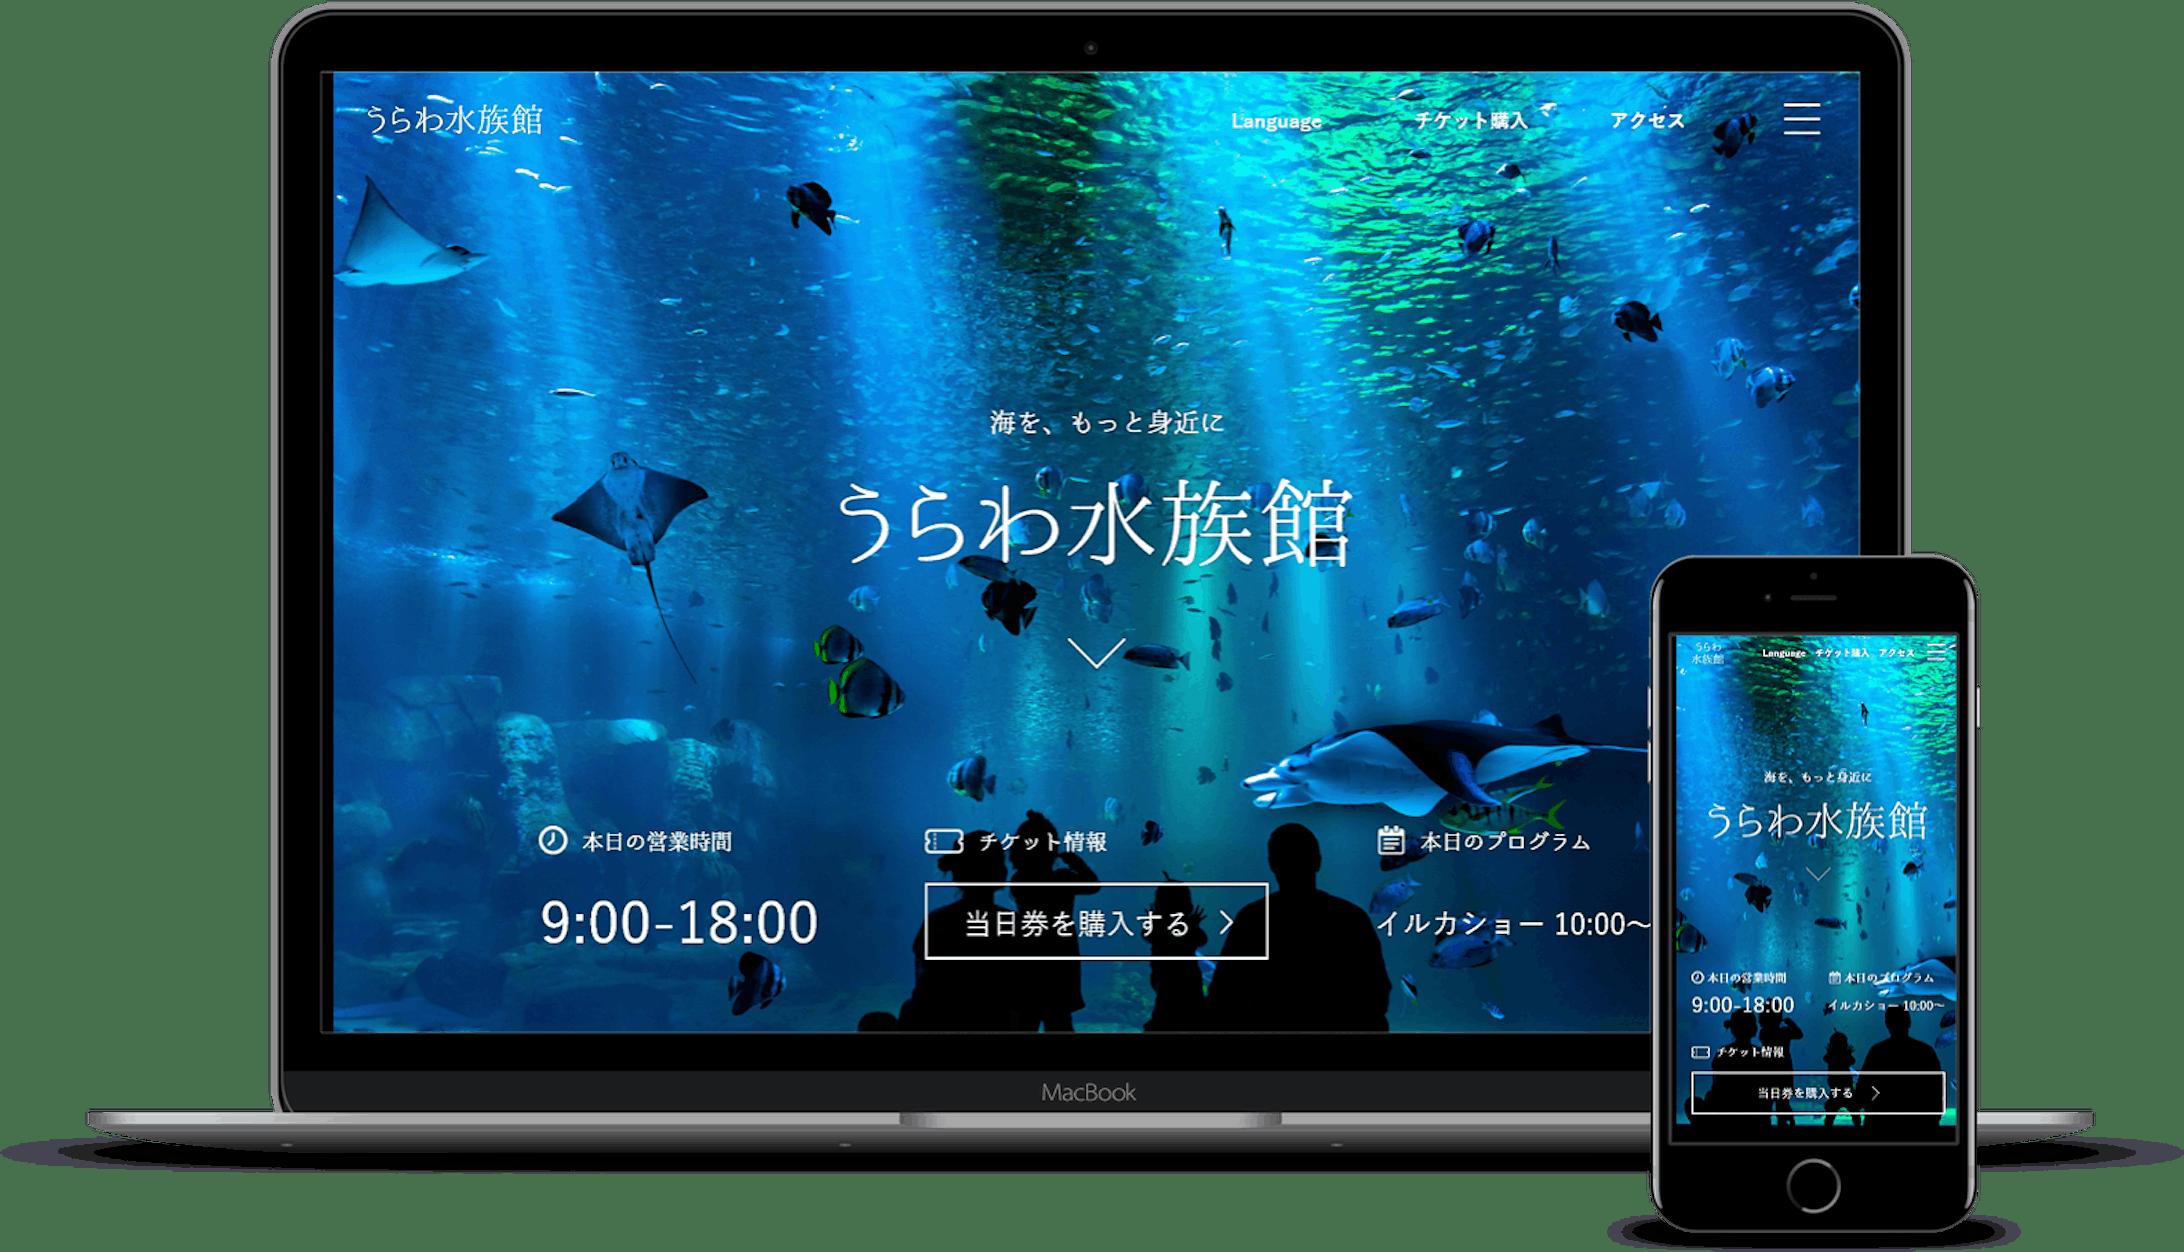 「うらわ水族館(架空)」Webサイト-1